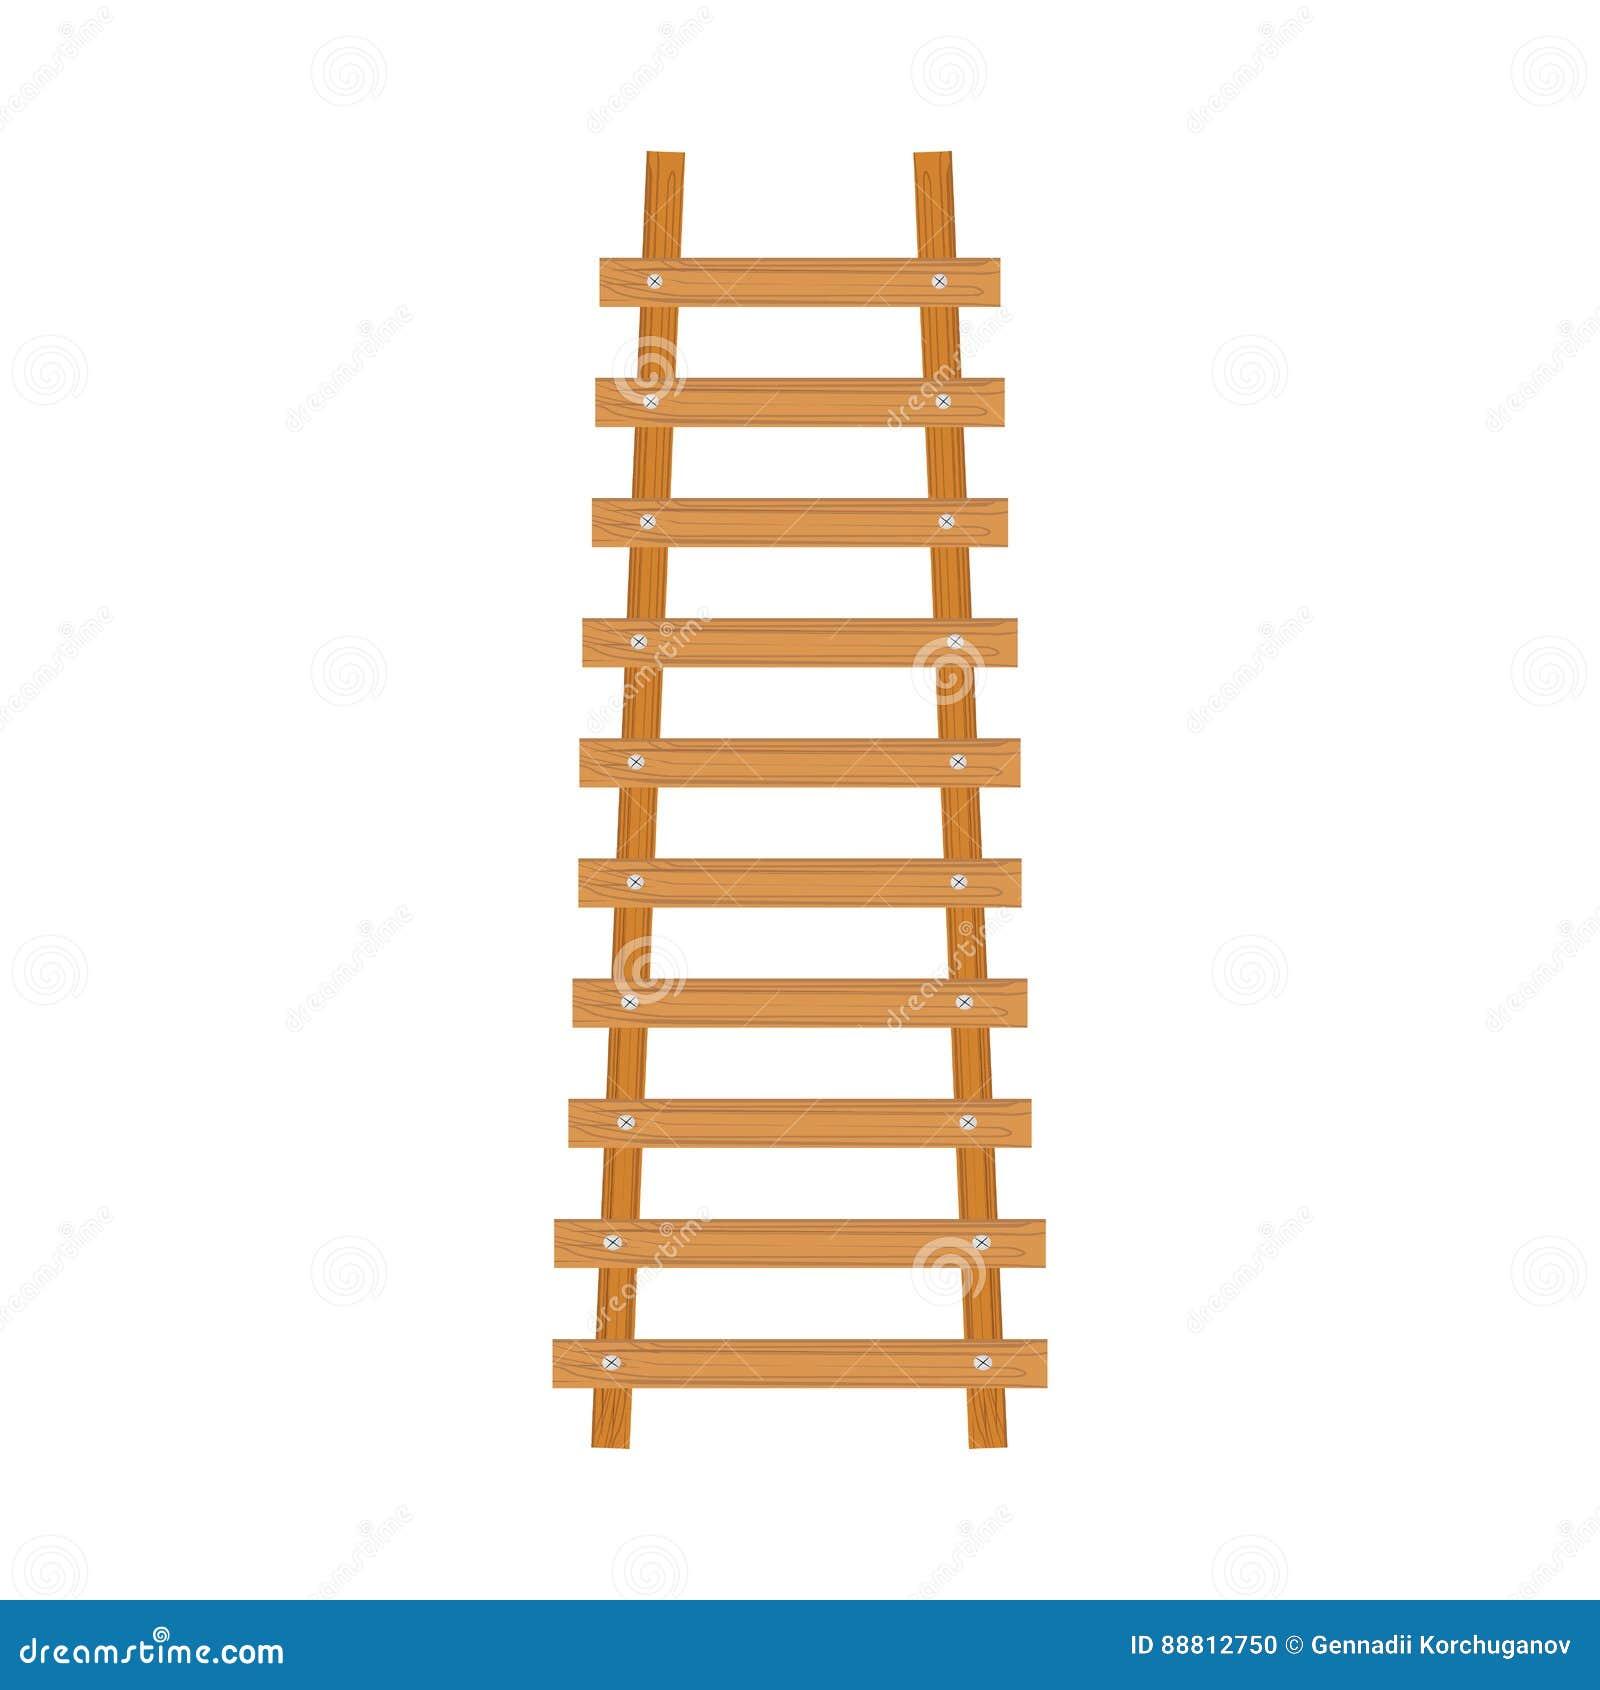 Wooden Cartoon Ladder Stock Vector Illustration Of